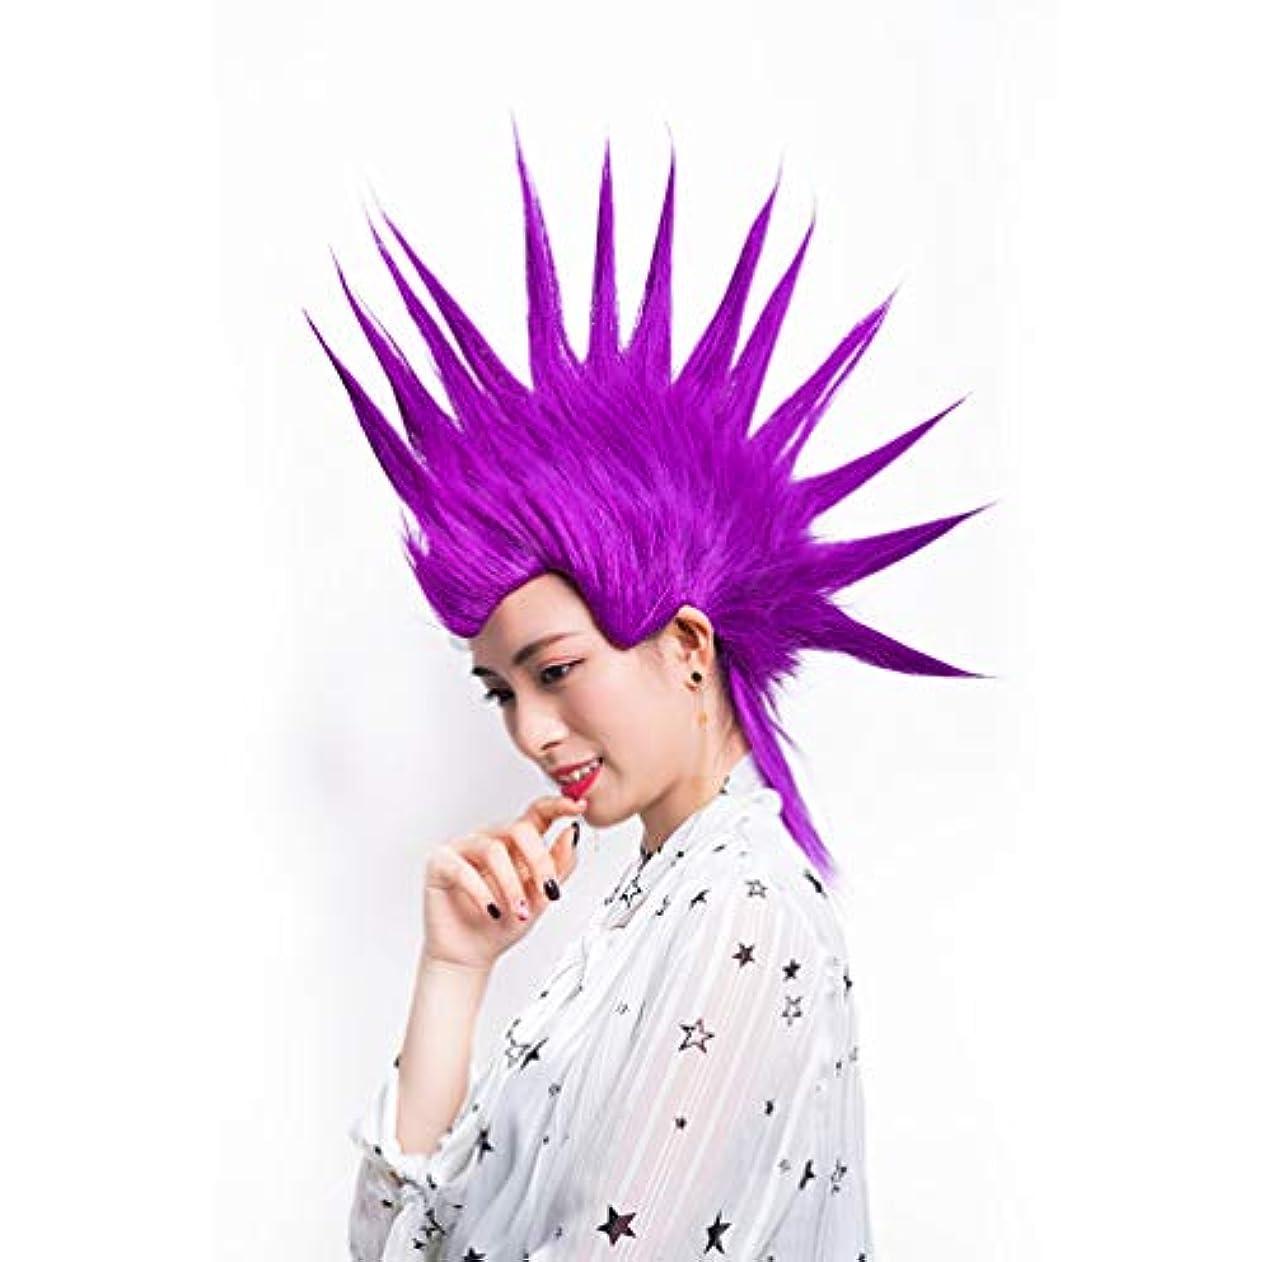 それにもかかわらず再び出撃者男性ウィッグ女性ウィッグハロウィンコスプレコスチュームアニメ大人&十代の若者たち短い人工毛仮装カーニバルパーティー